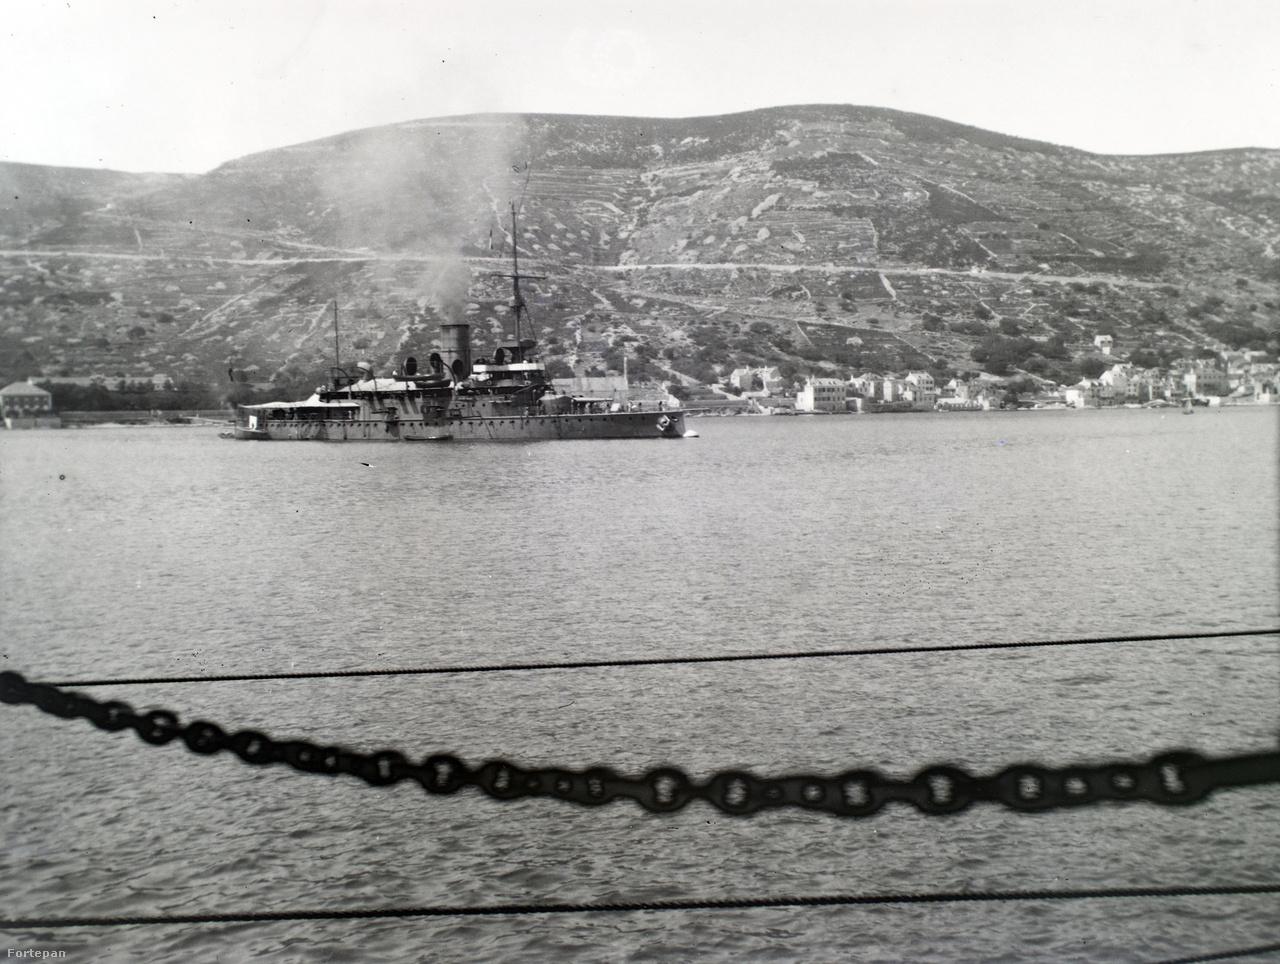 Monarch-osztályú partvédő páncélosból még kettő épült: az SMS Budapest és az SMS Wien. Hogy a képen melyik hajó látható a háromból, csak szakavatott szem tudná megmondani.